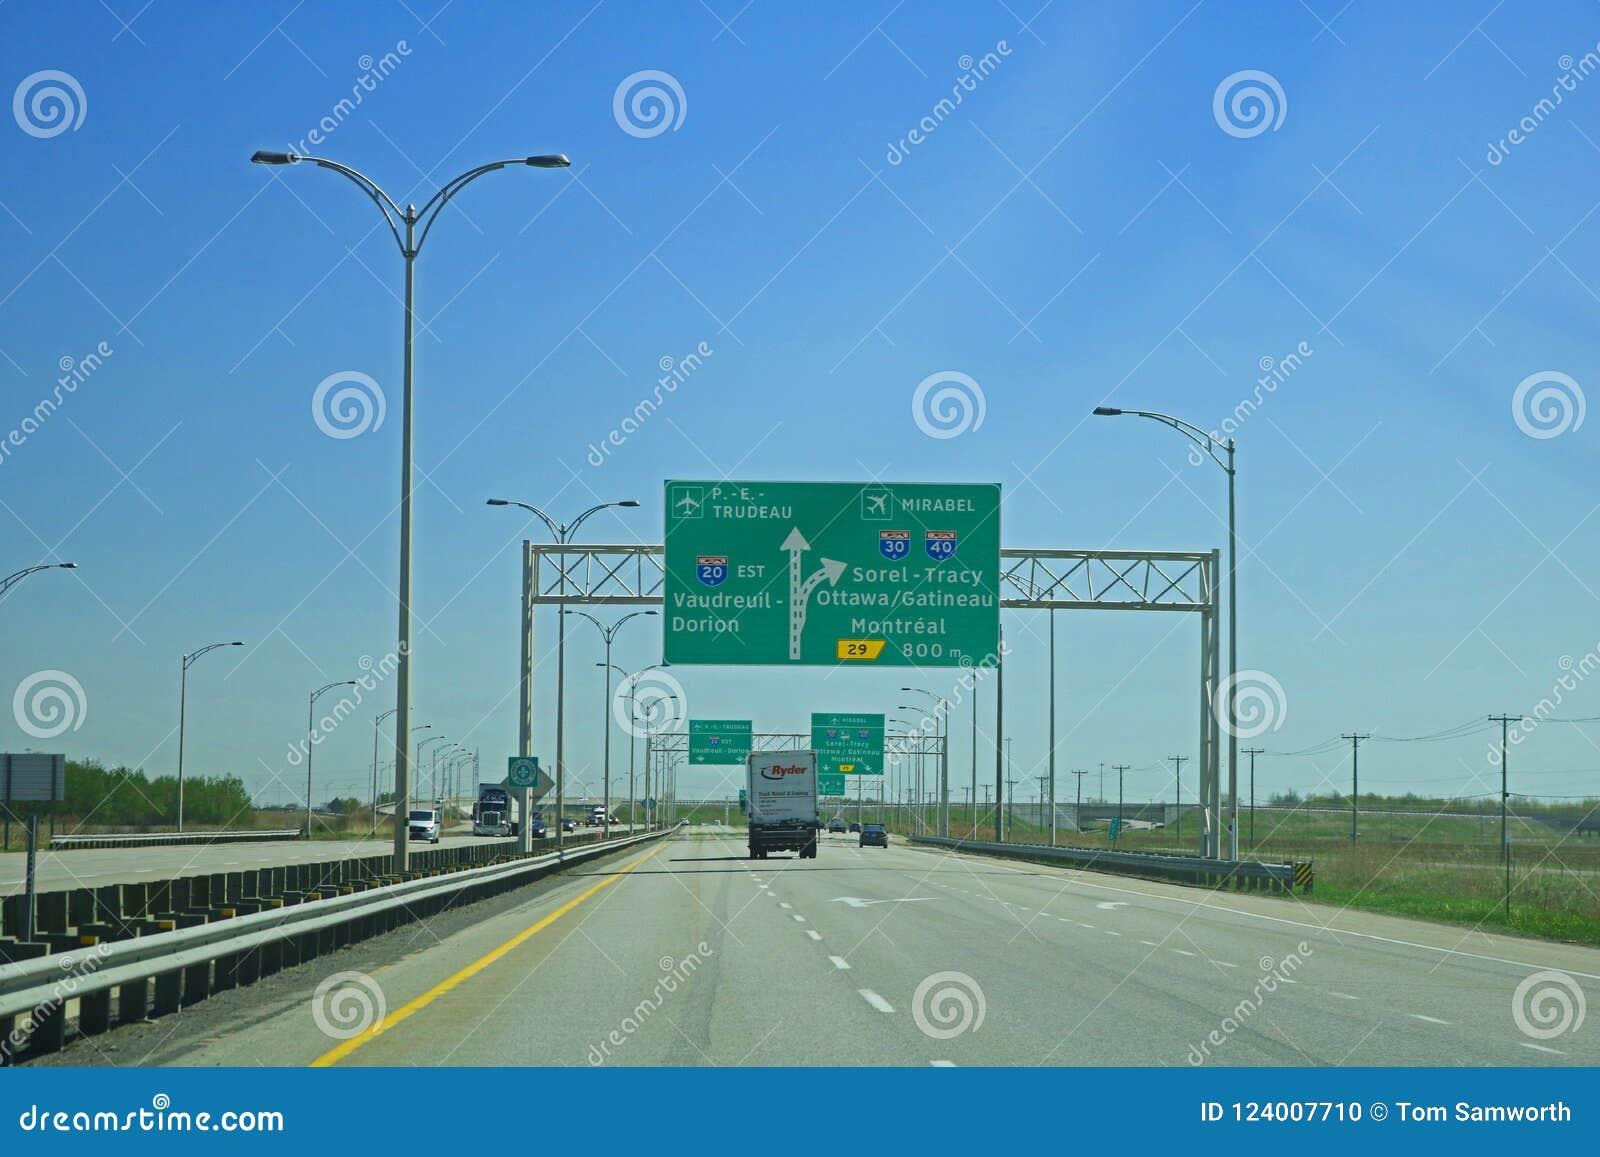 Signe de route entrant dans Montréal, Québec, Canada